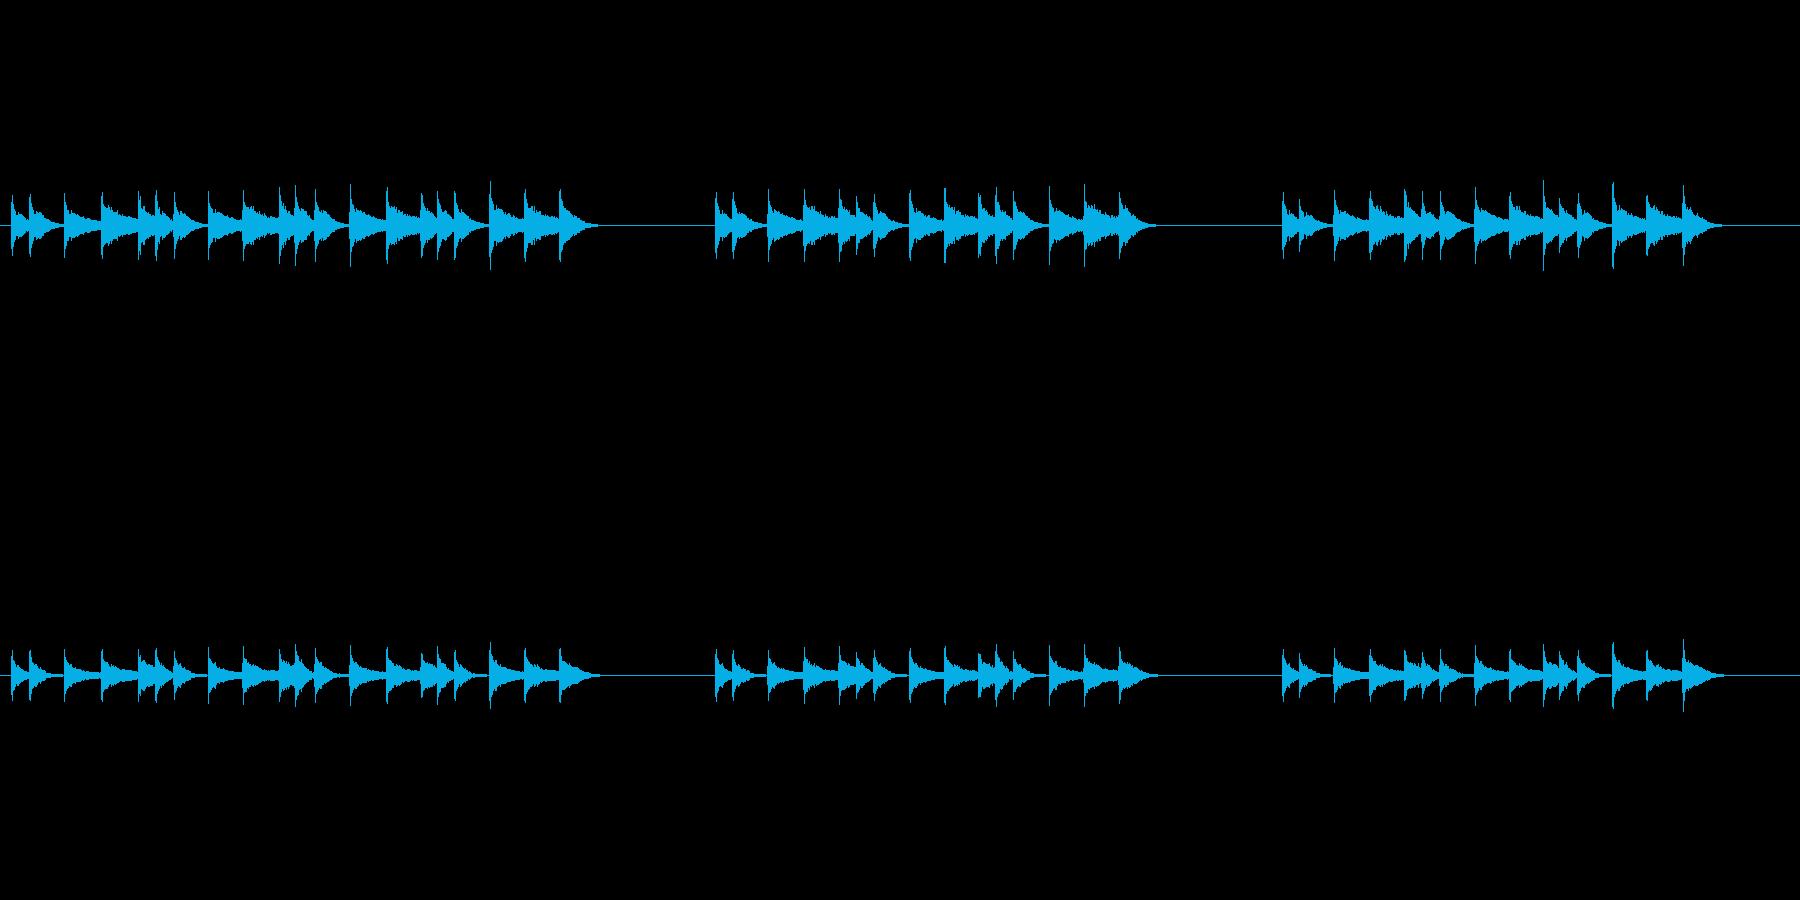 エスニックで調子外れなリズムフレーズの再生済みの波形